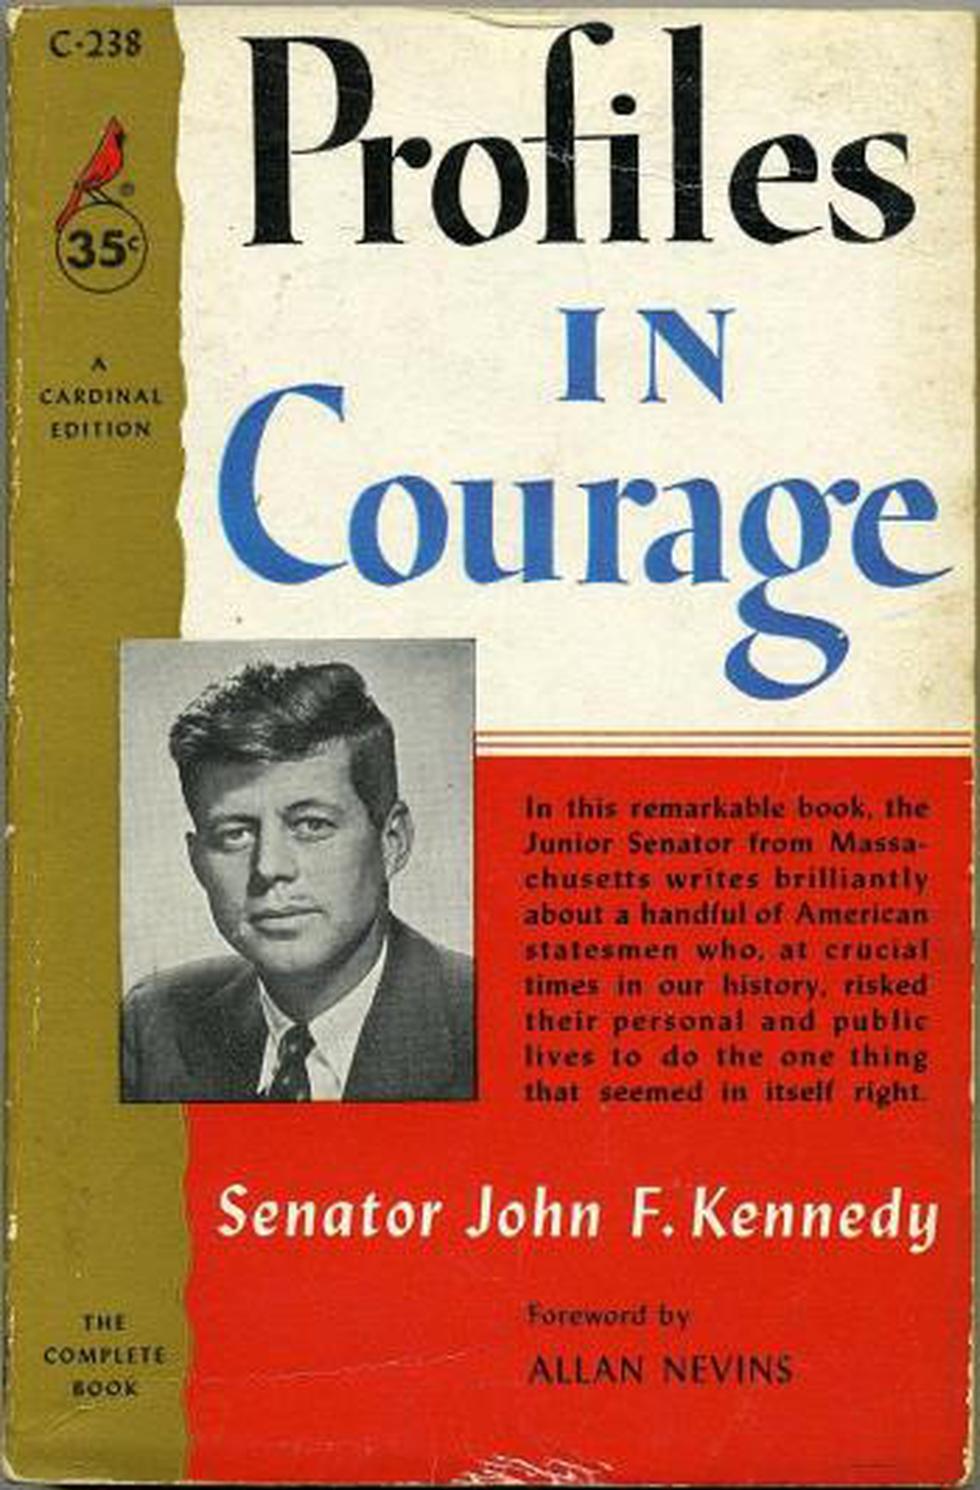 """Durante su recuperación tras las intervenciones escribió el libro """"Perfiles de Coraje"""" donde narra ocho situaciones donde senadores arriesgaron sus cargos por defender sus principios. El libro gana un premio Pulitzer en 1957. (JFK Library)"""